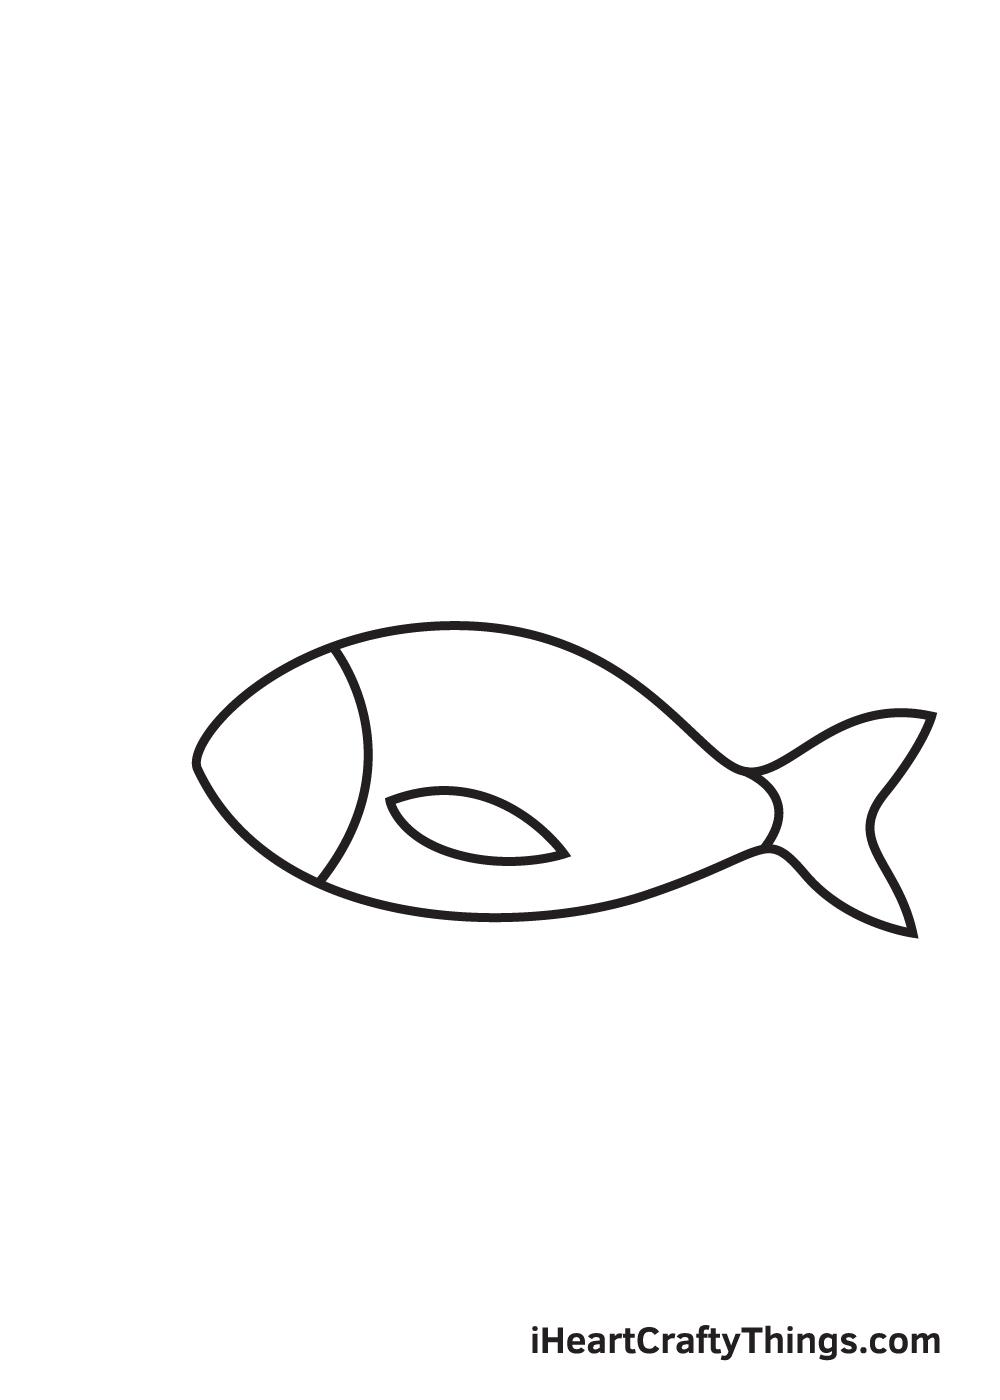 fish drawing - step 4